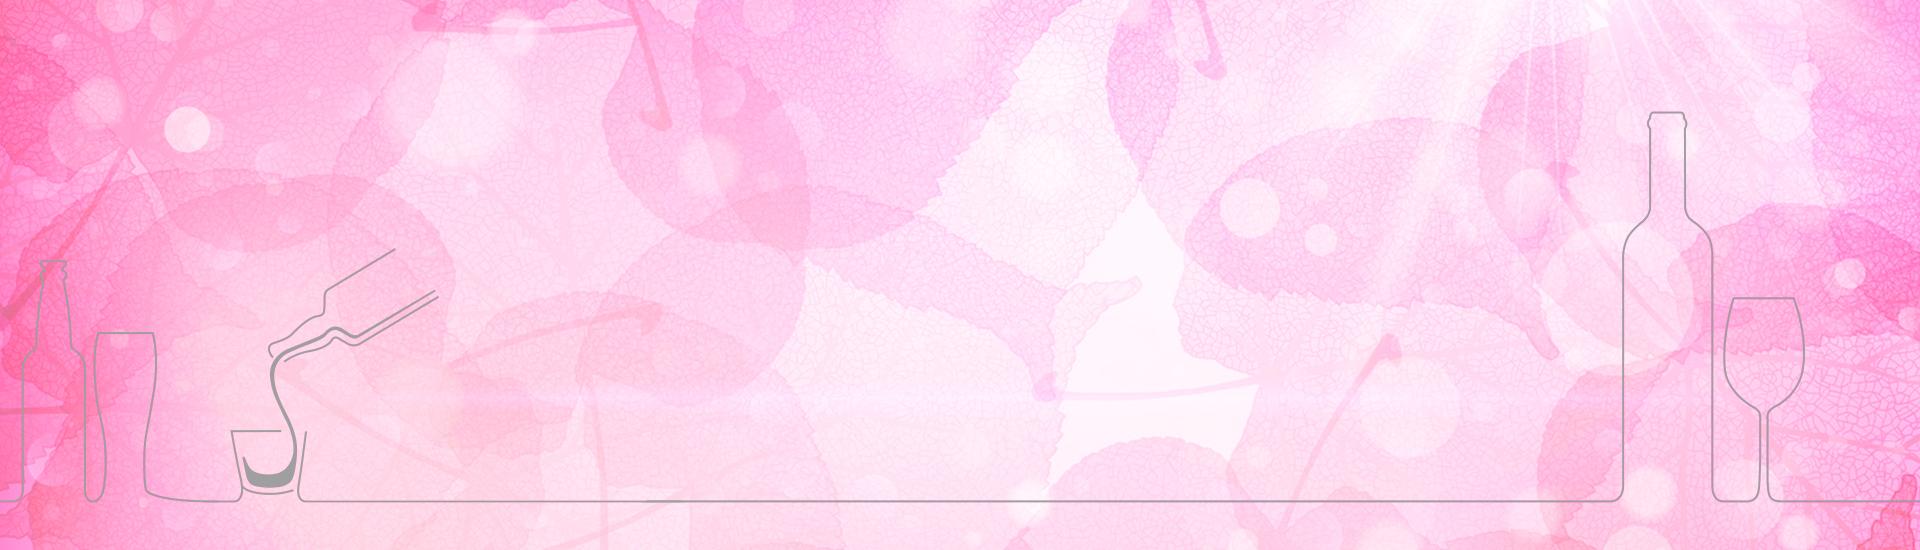 Alle aktuellen Angebote 06/2016 - Slider